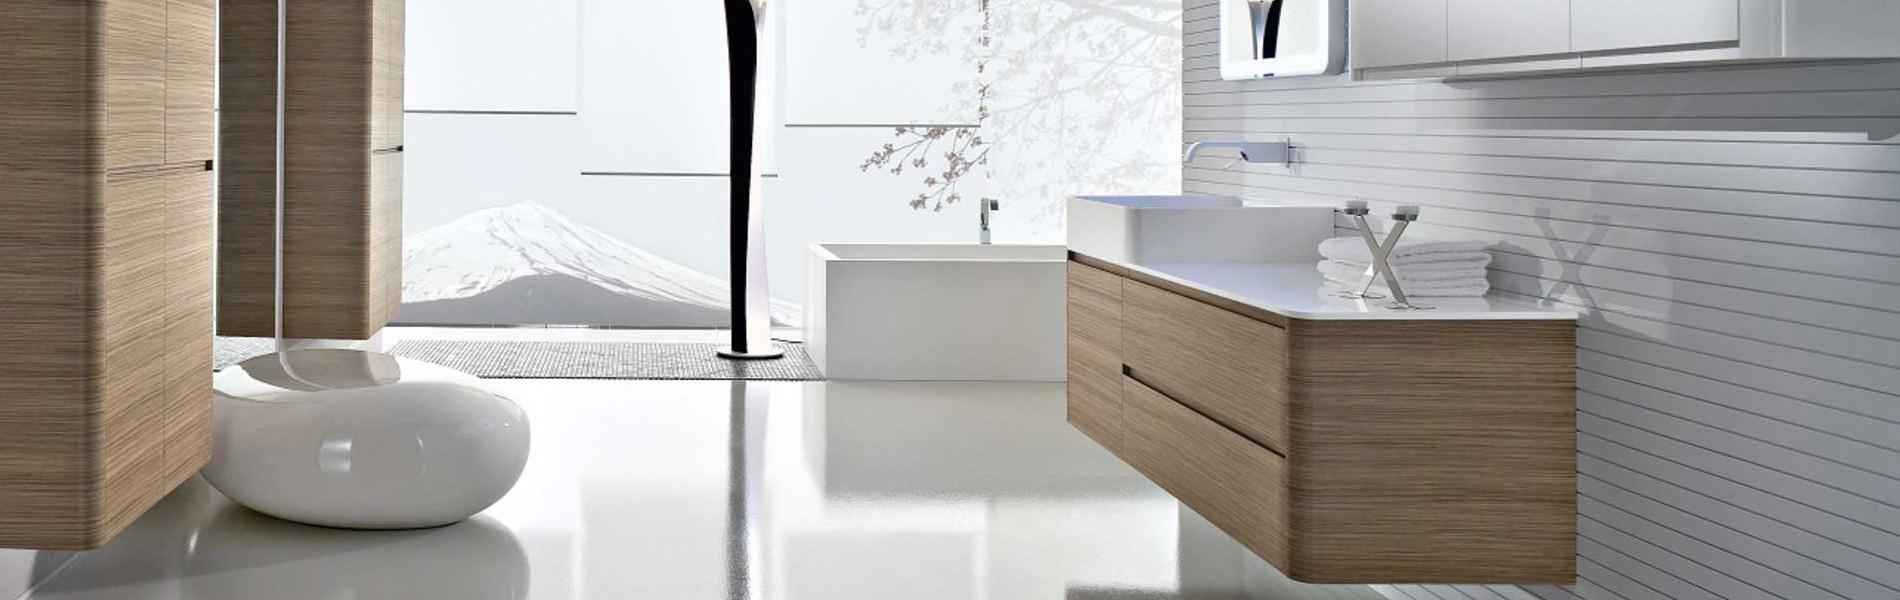 Cina vanità bagno mobiletto da cucina armadietto del bagno doccia ...